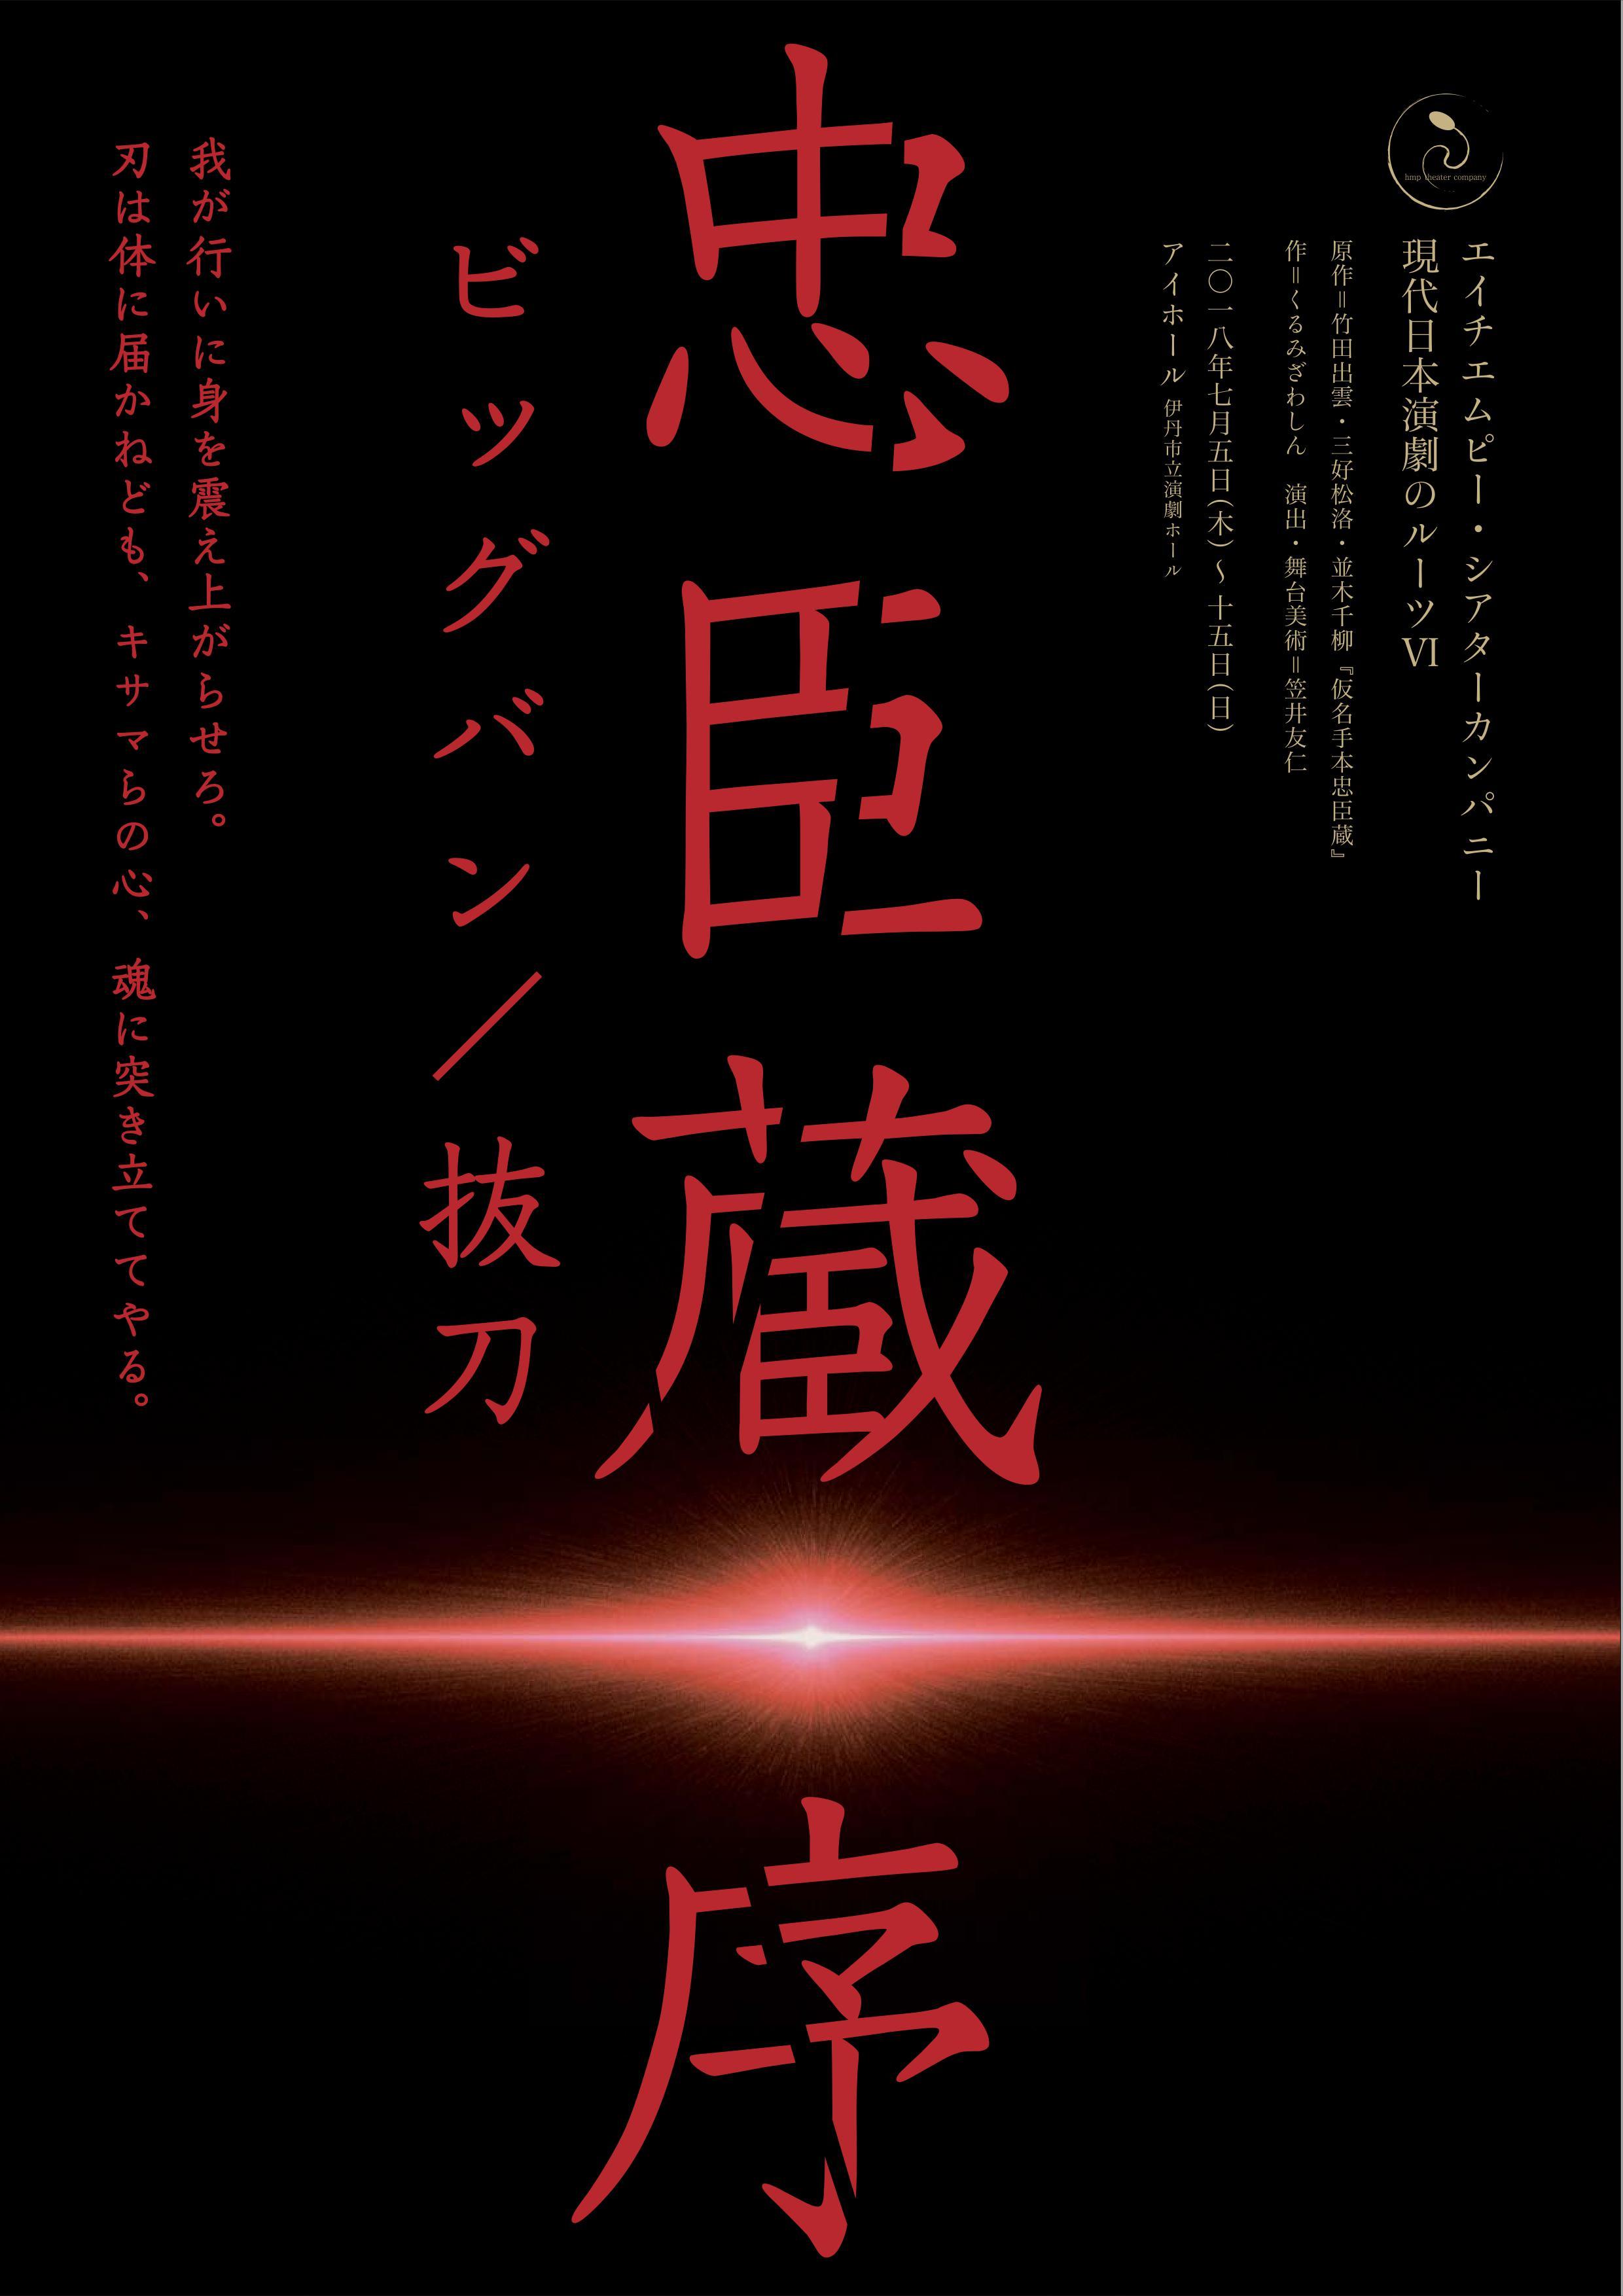 エイチエムピー・シアターカンパニー 〈現代日本演劇のルーツⅥ〉『忠臣蔵・序 ビッグバン/抜刀』